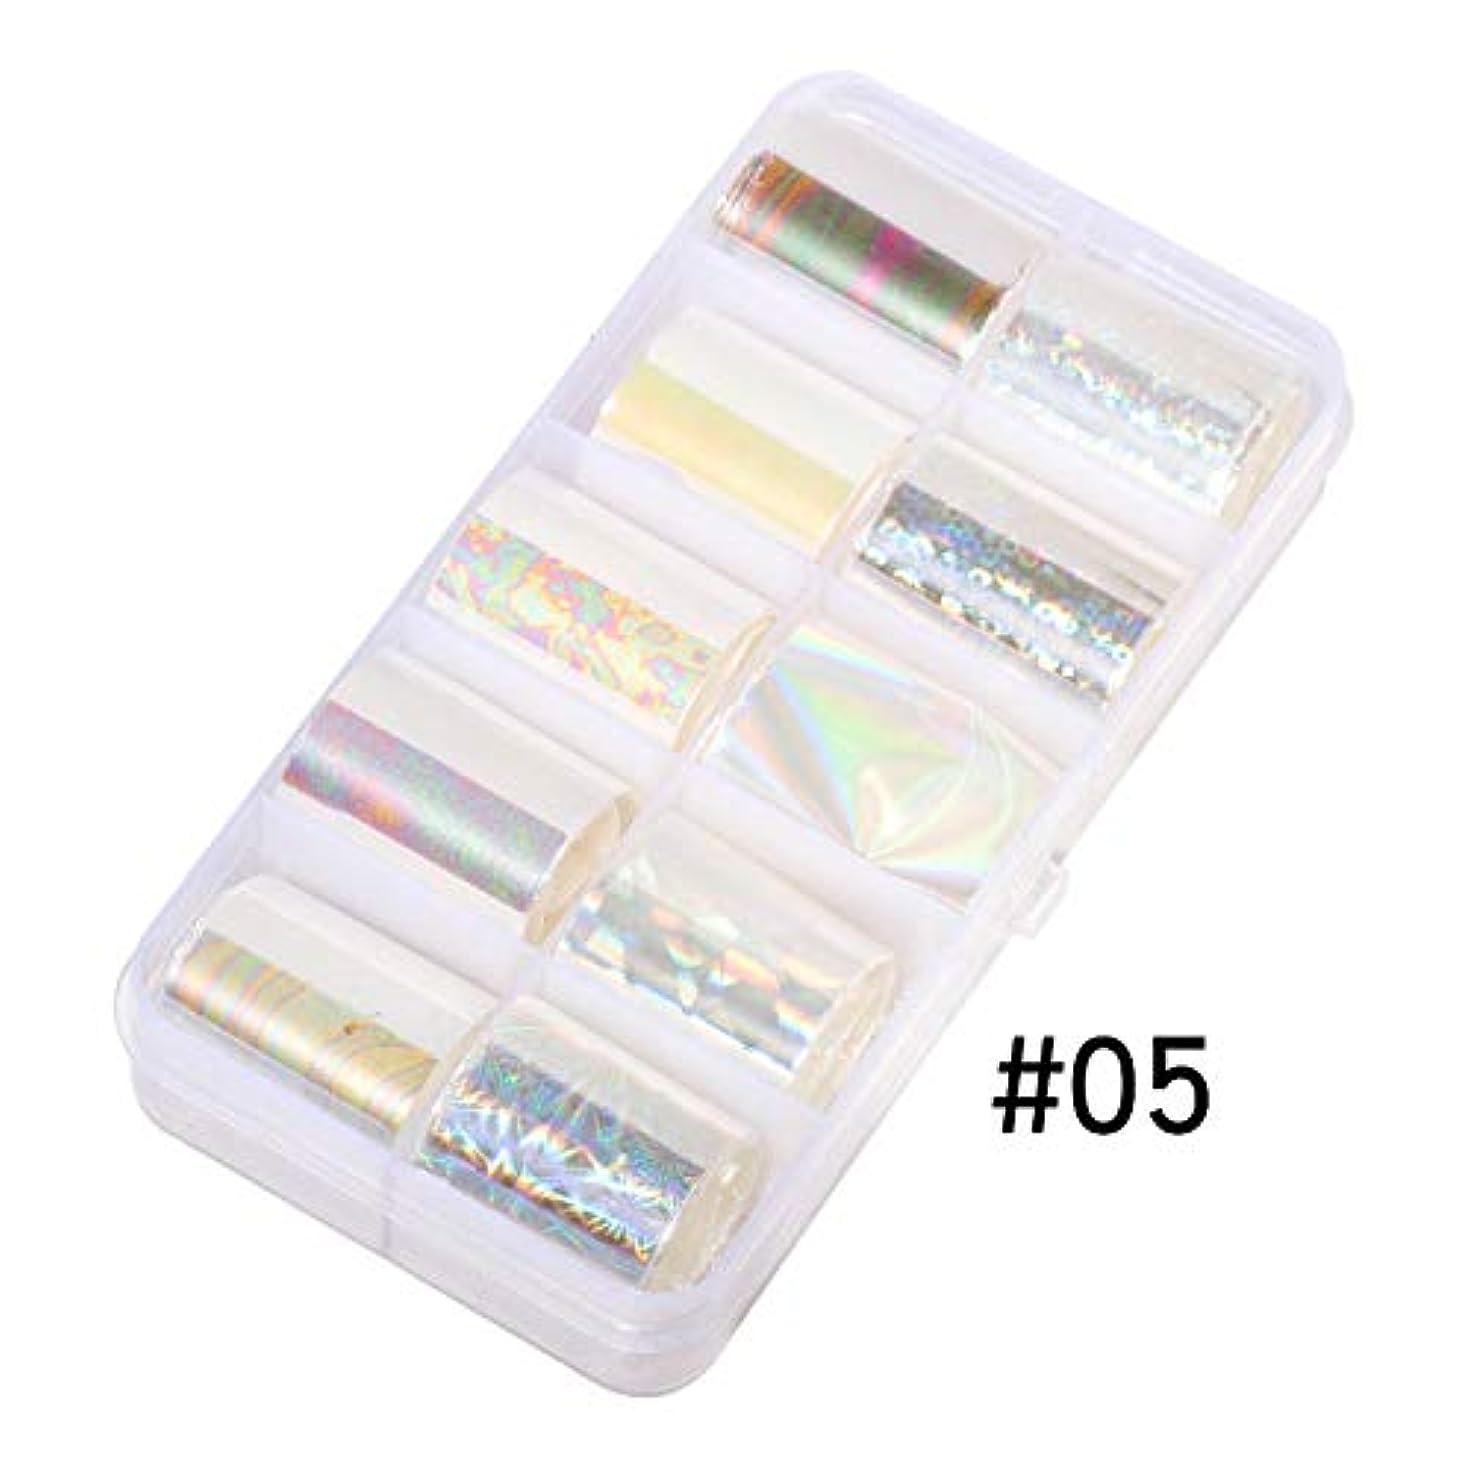 友情忠実に野菜OSOGODE(オソグド) ネイルホイルシール ネイルステッカー 貝殻シール 貝殻柄ネイルホイル箔 10色セット セロファン DIYネイルチップデコレーション (W5)